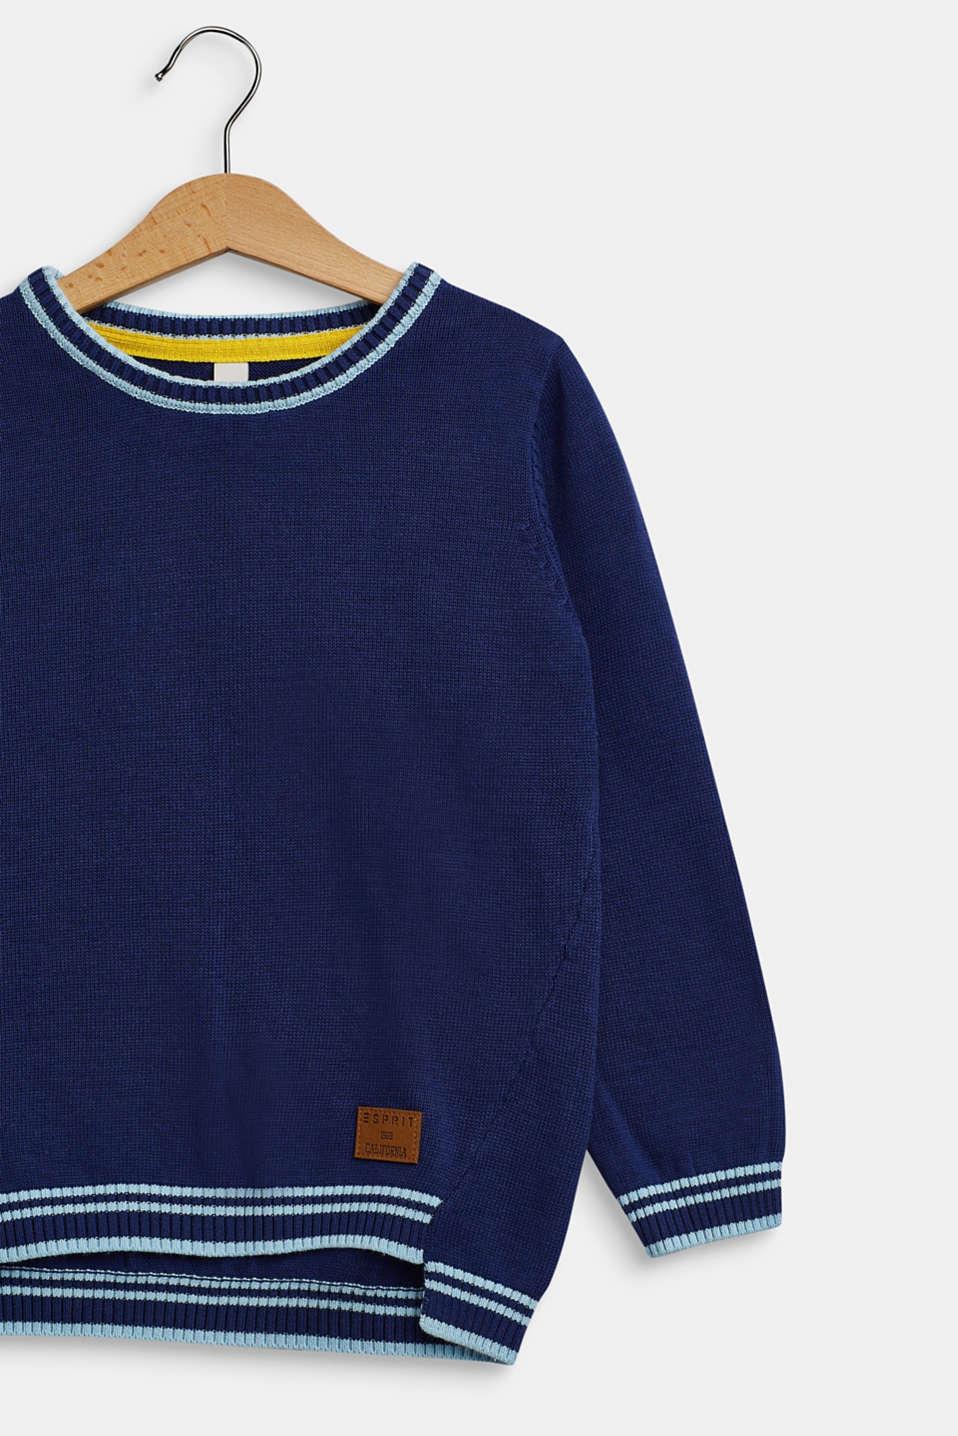 100% cotton jumper, MARINE BLUE, detail image number 2